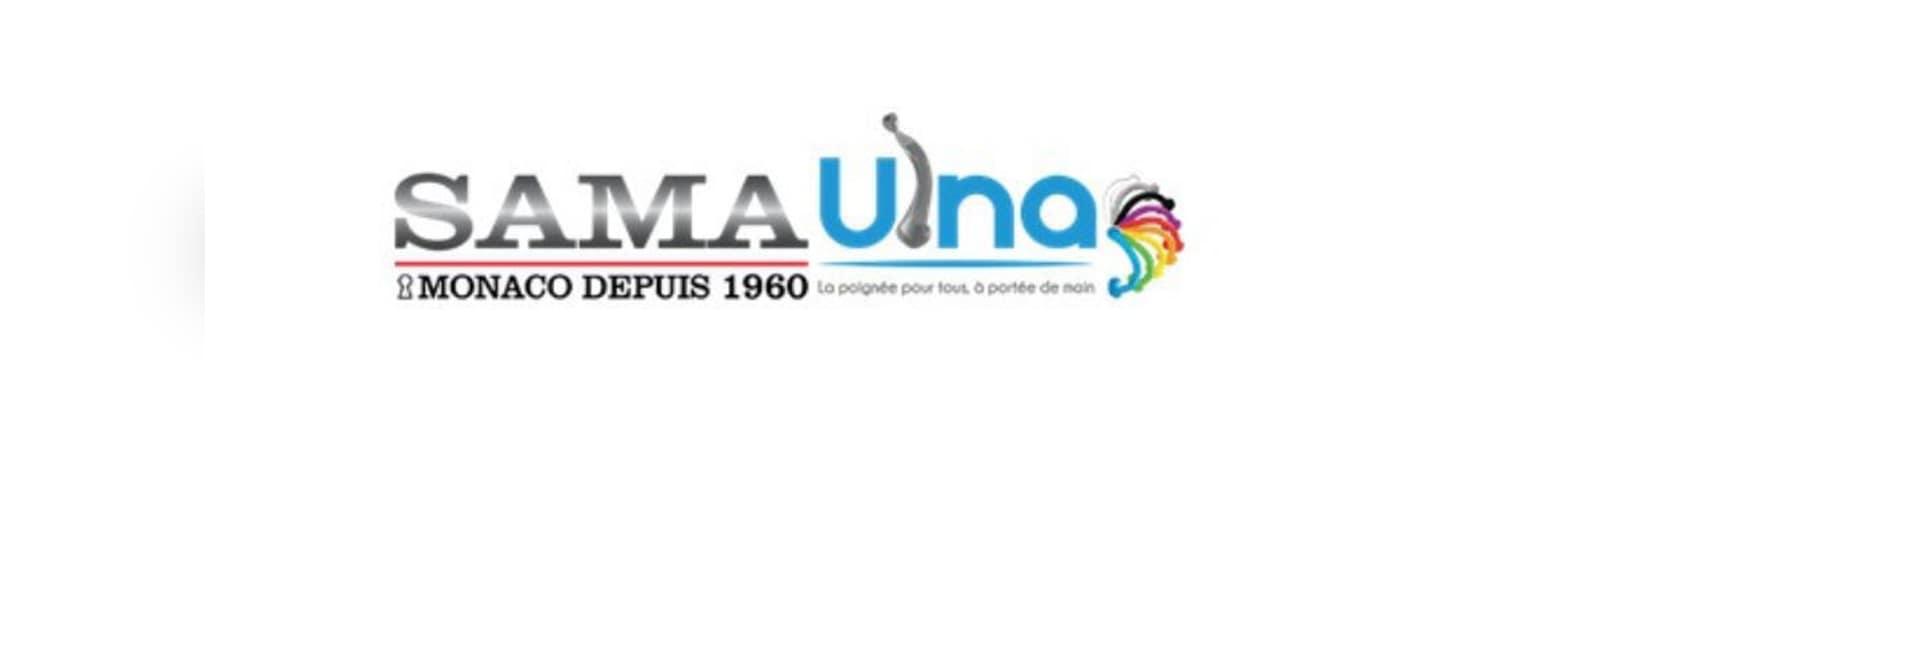 Presentación animada del cúbito - Monaco-Ville, Monaco - SAMA-ULNA